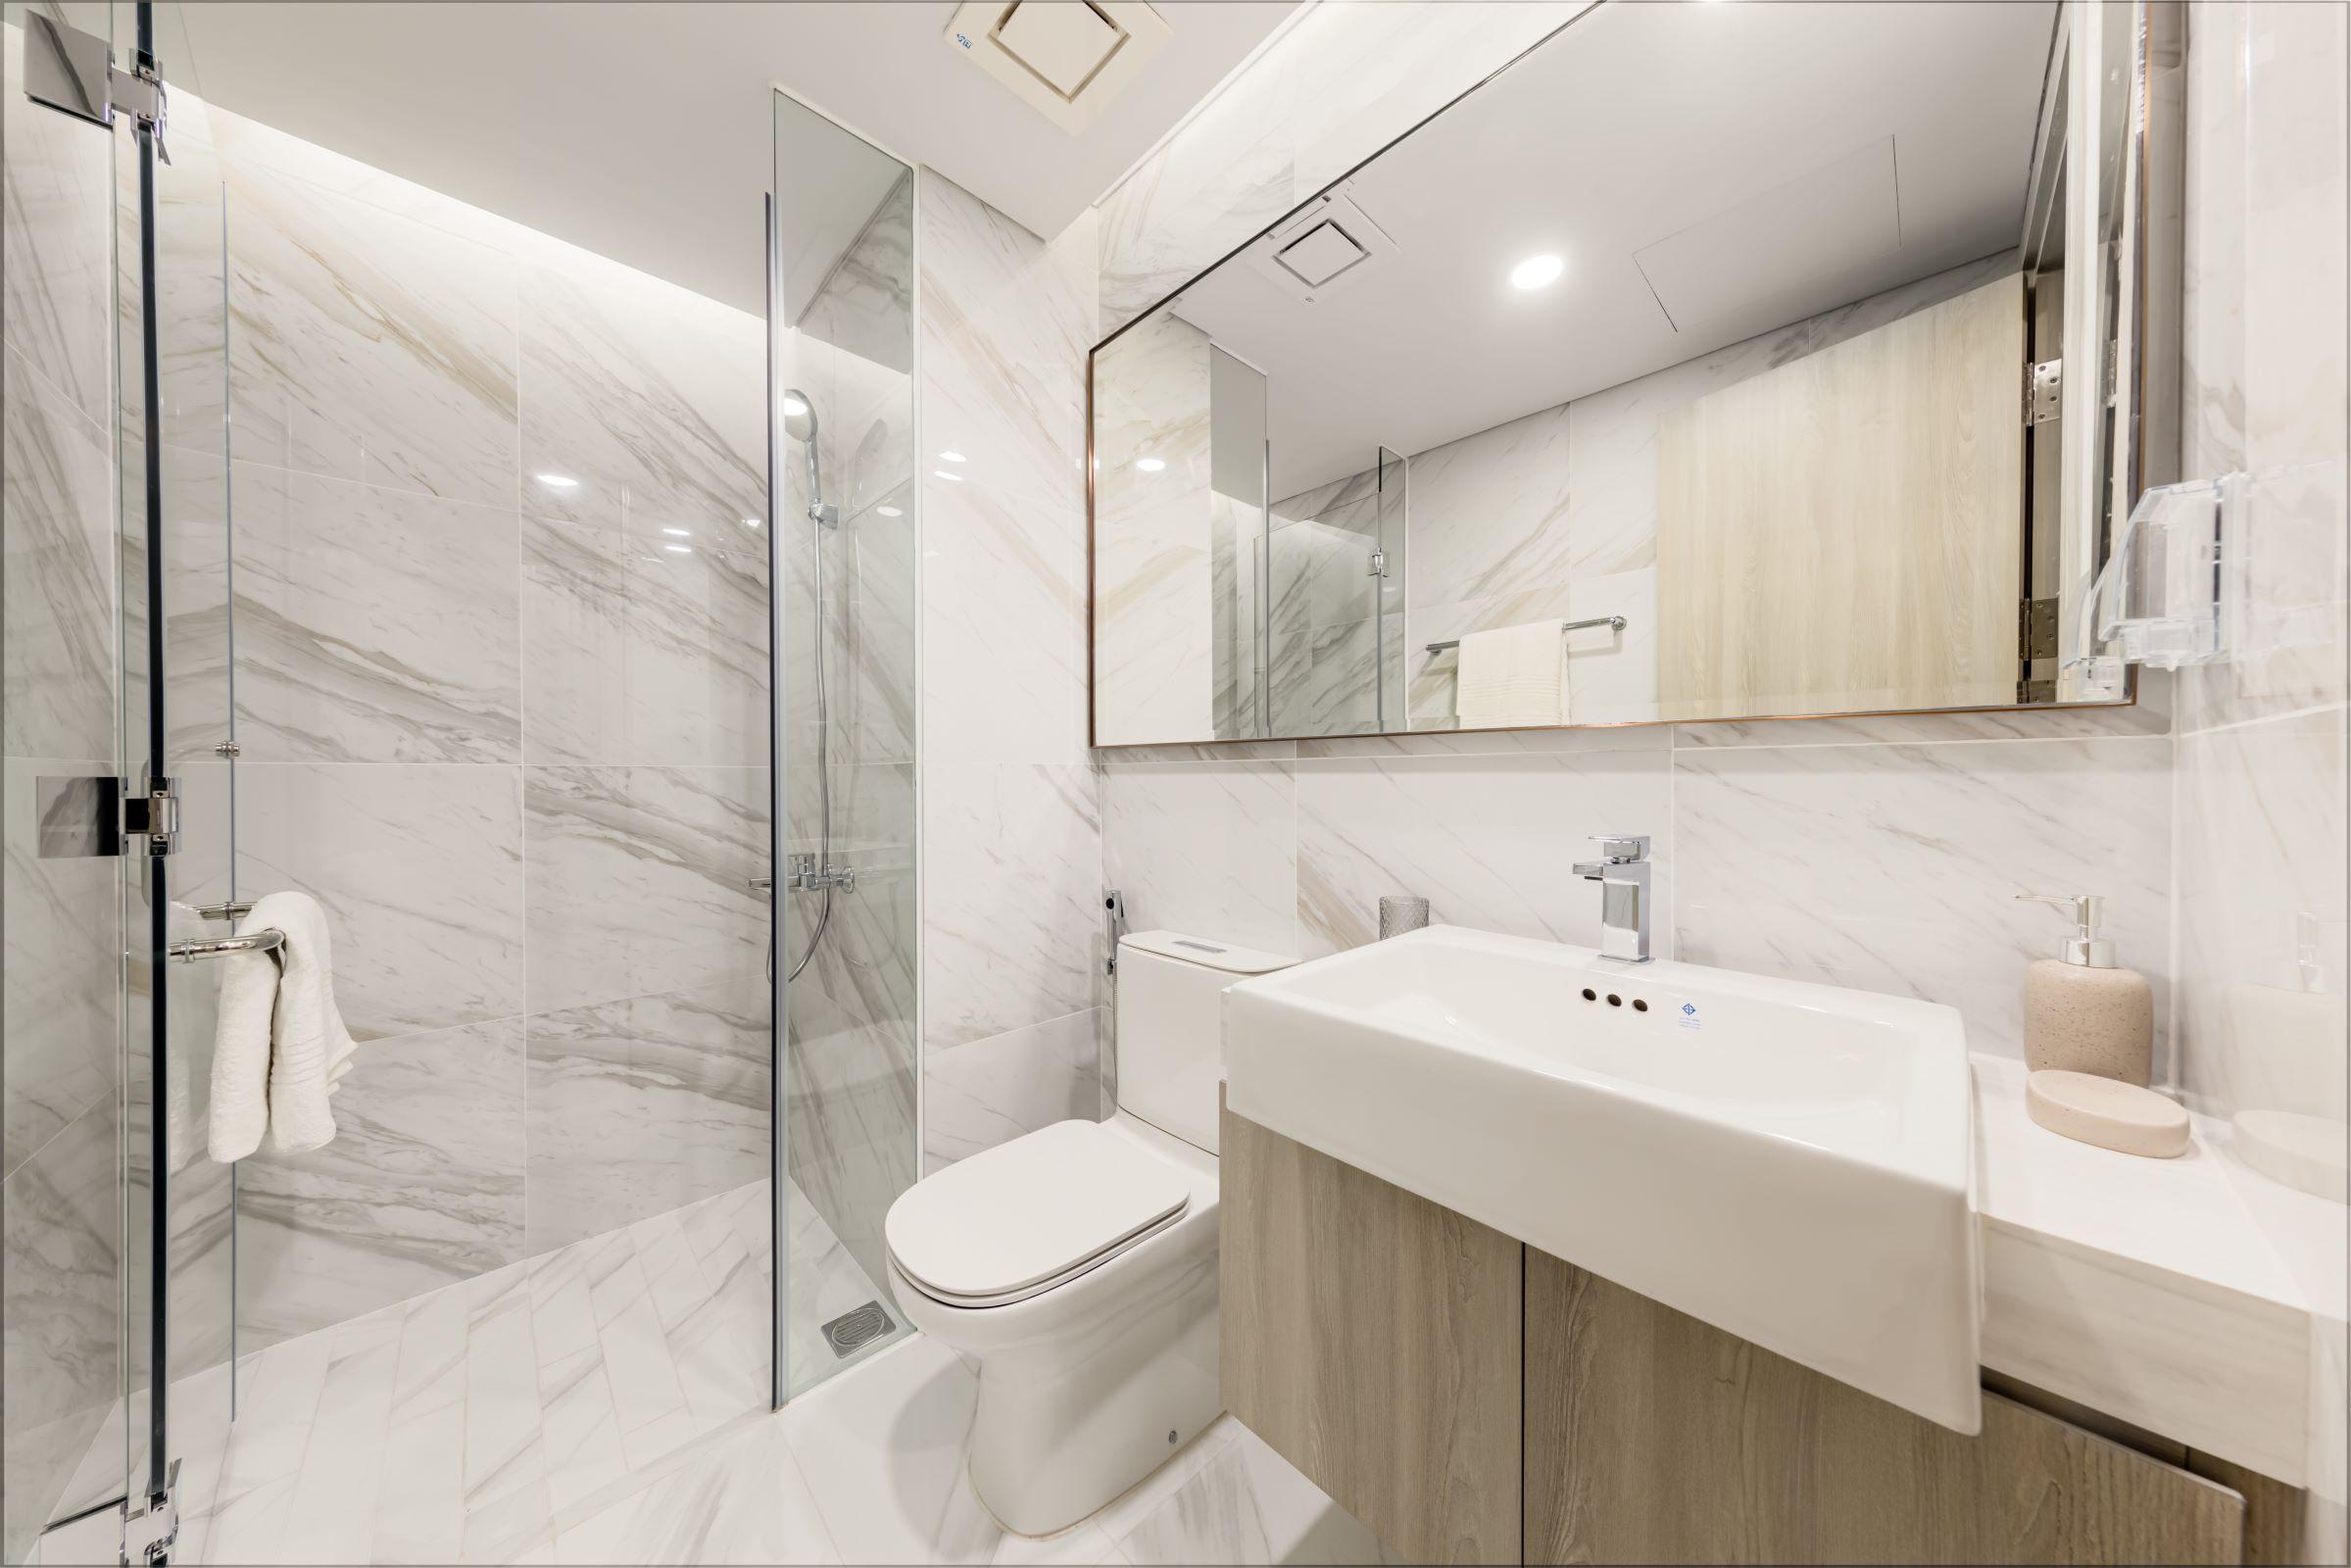 Không gian nội thất Masteri West Heights được chăm chút kỹ lưỡng tới từng chi tiết cùng màu sắc đương đại và chất lượng hoàn thiện vượt trội, kiến tạo tổ ấm cho các gia đình.